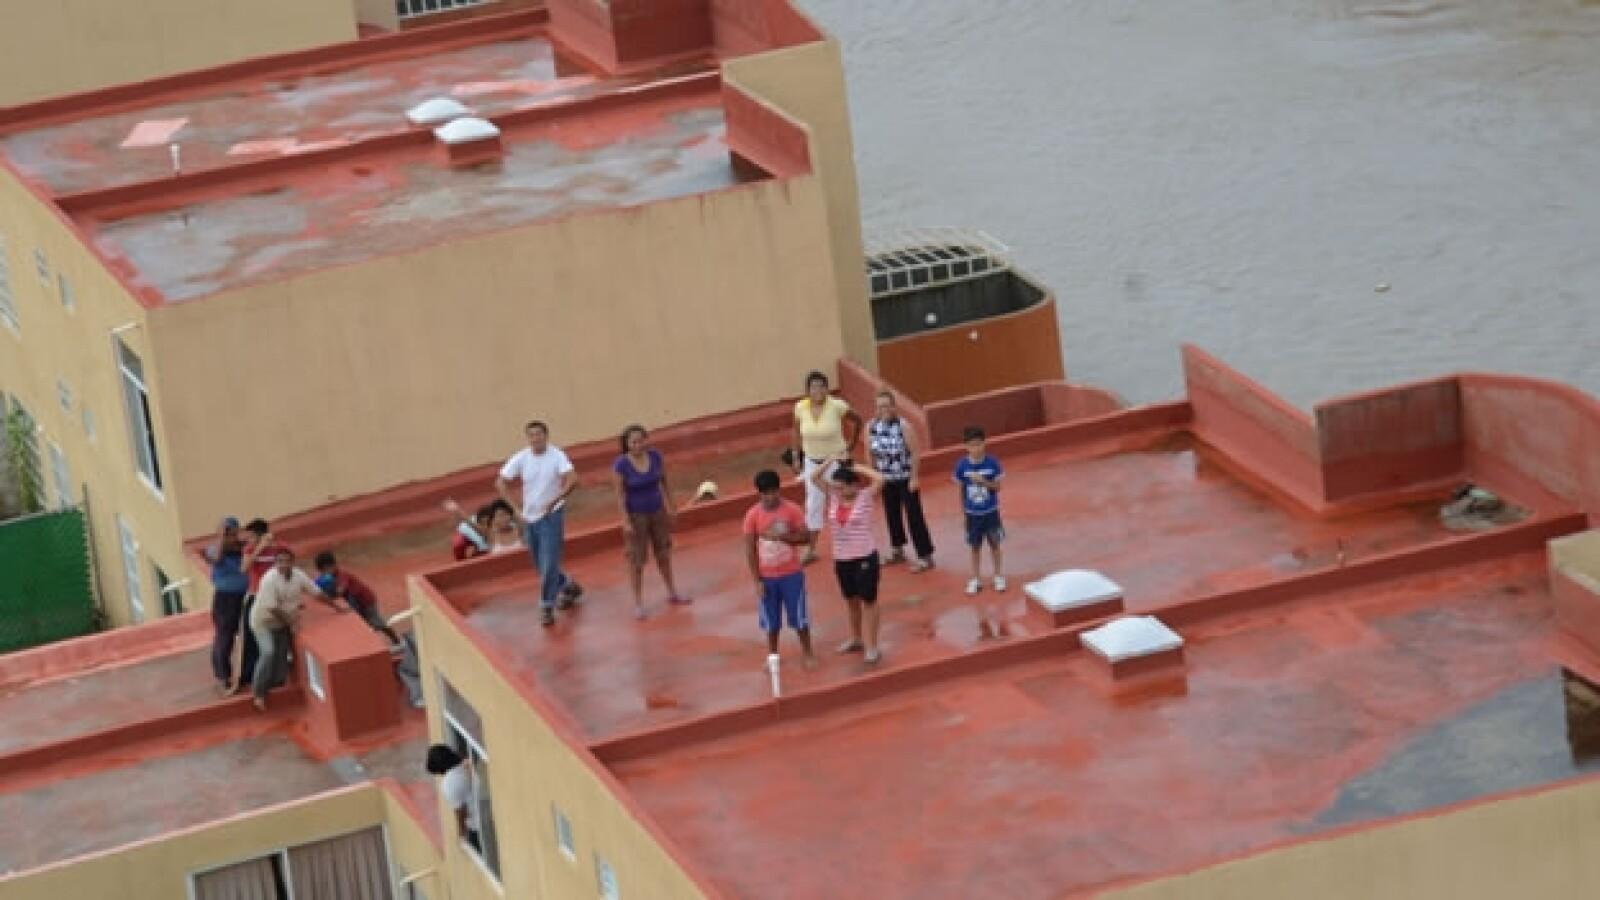 tormenta, tropical, manuel, pacifico, nayarit, sinaloa, guerrero, acapulco, daños, damnificados, desbordamientos, carreteras, viviendas